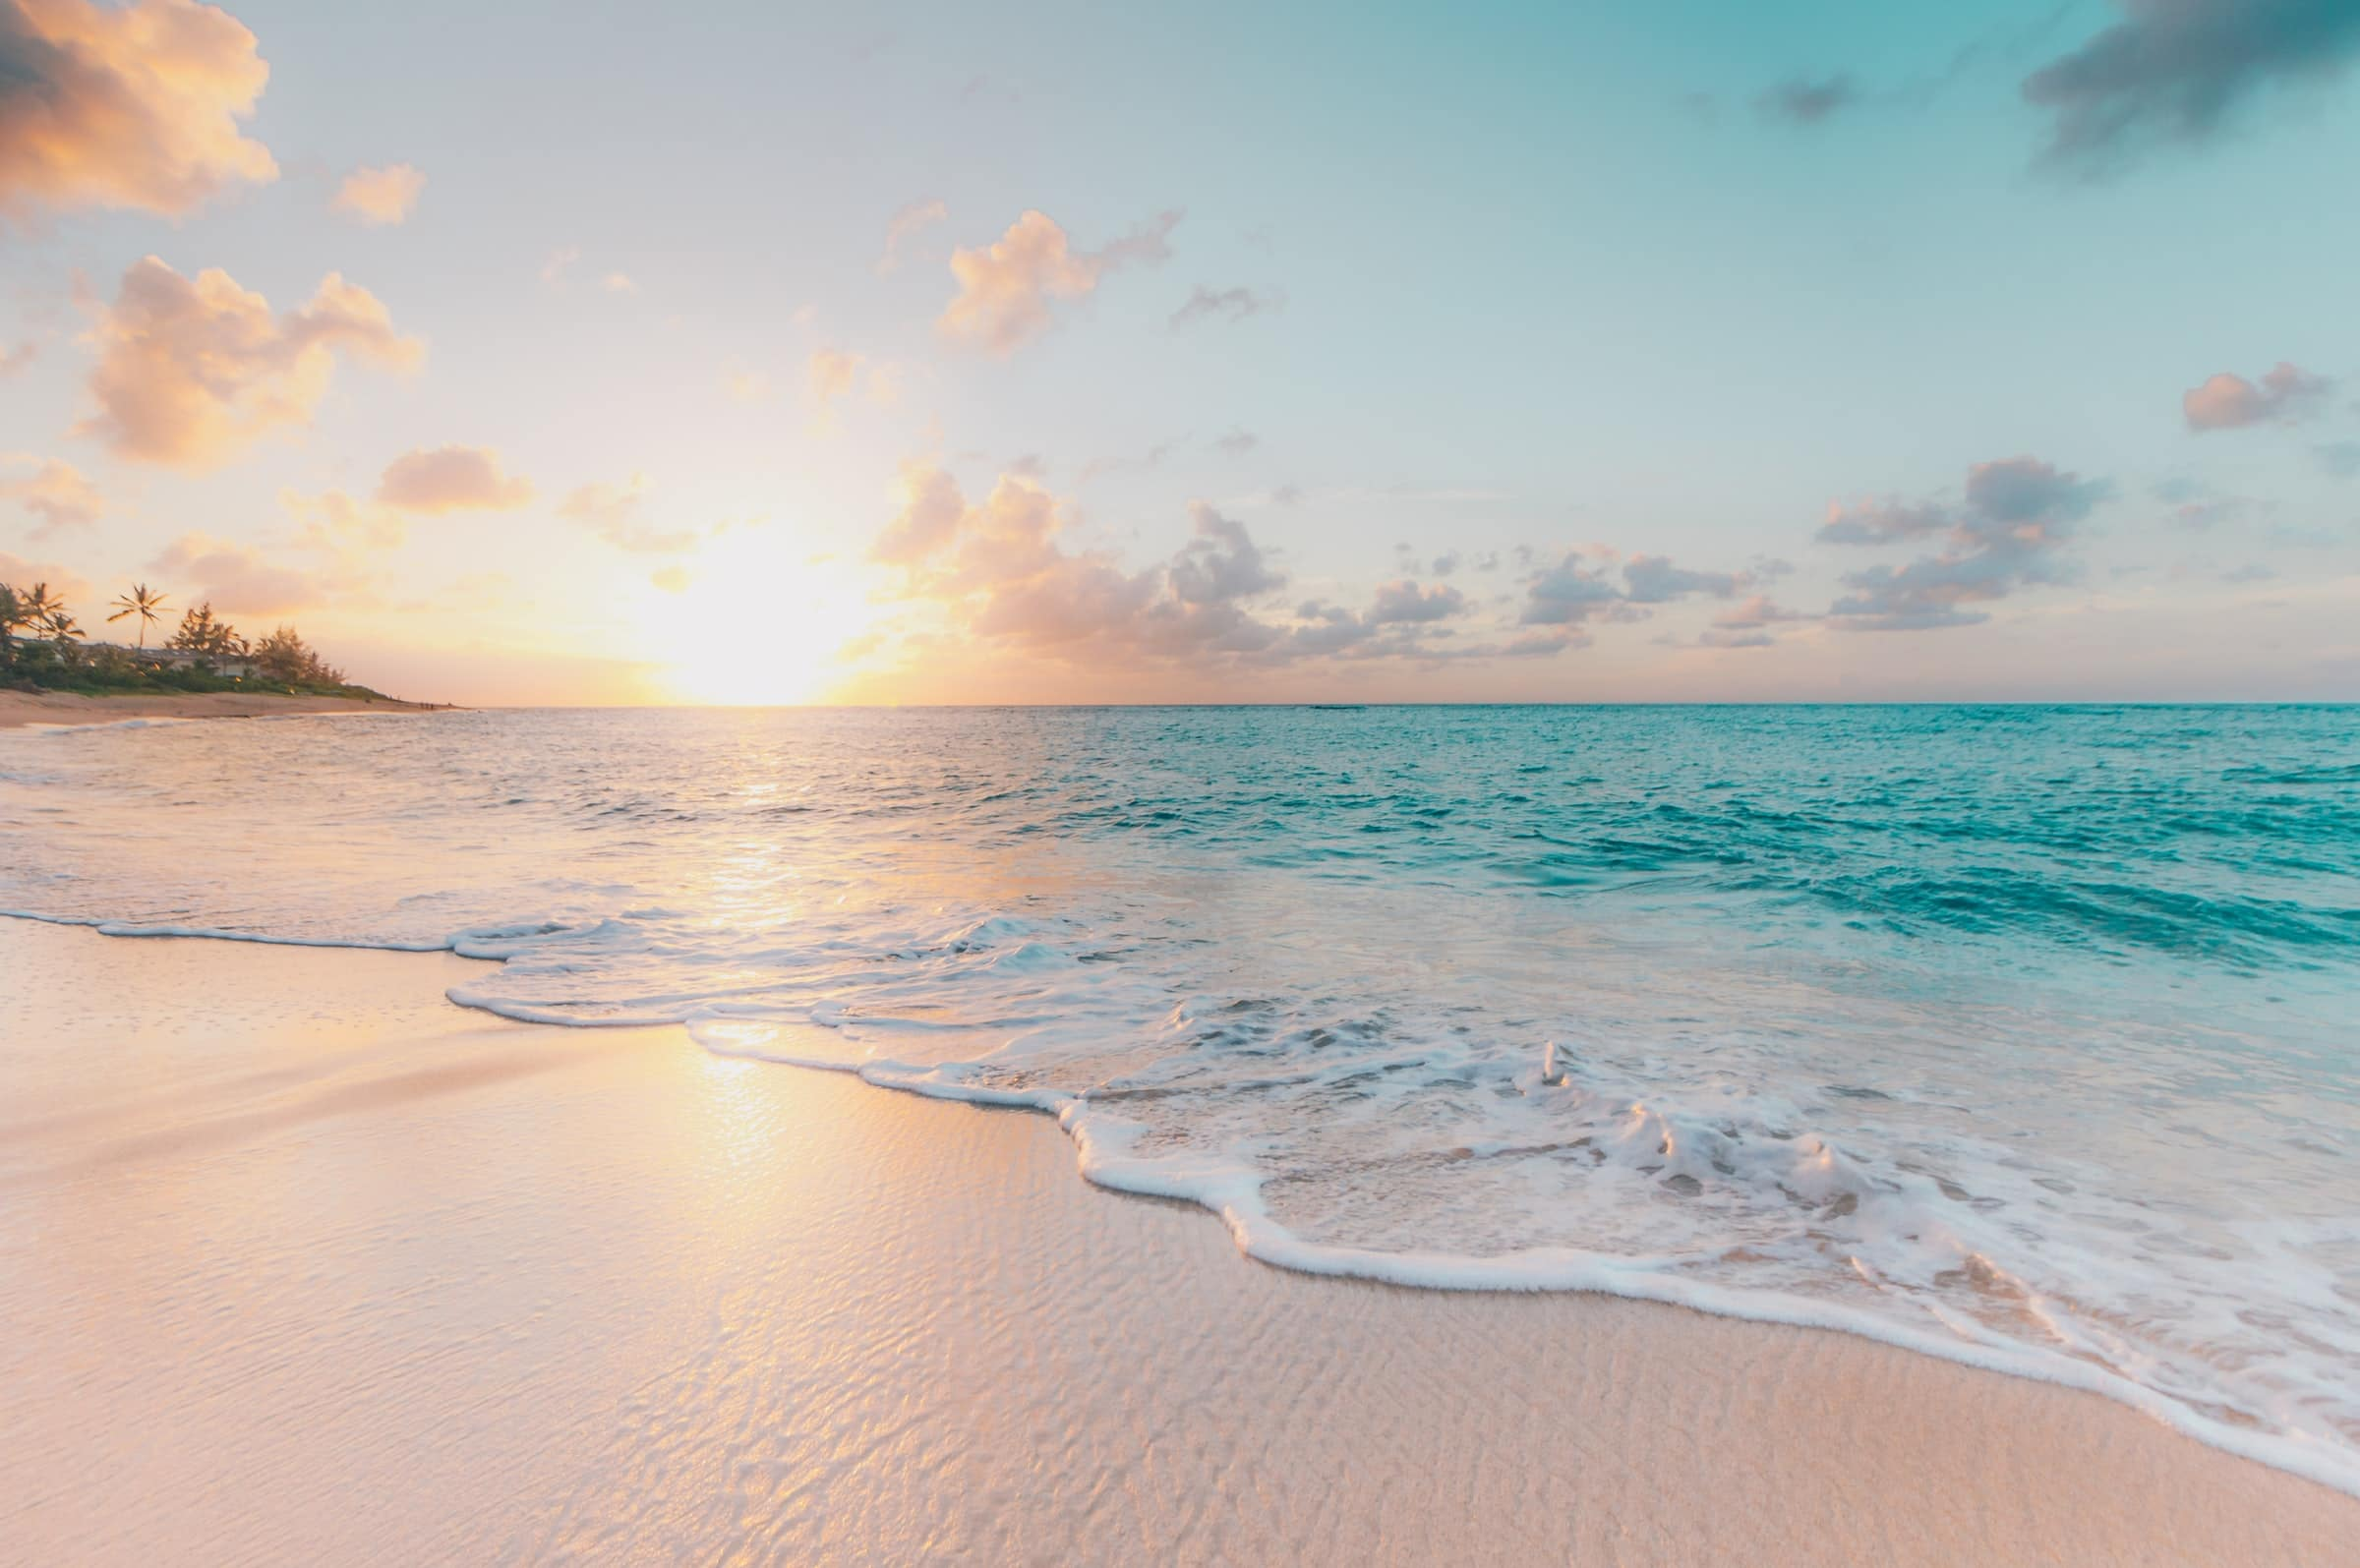 Oogverblindende stranden in Kenia - De perfecte winterbestemming